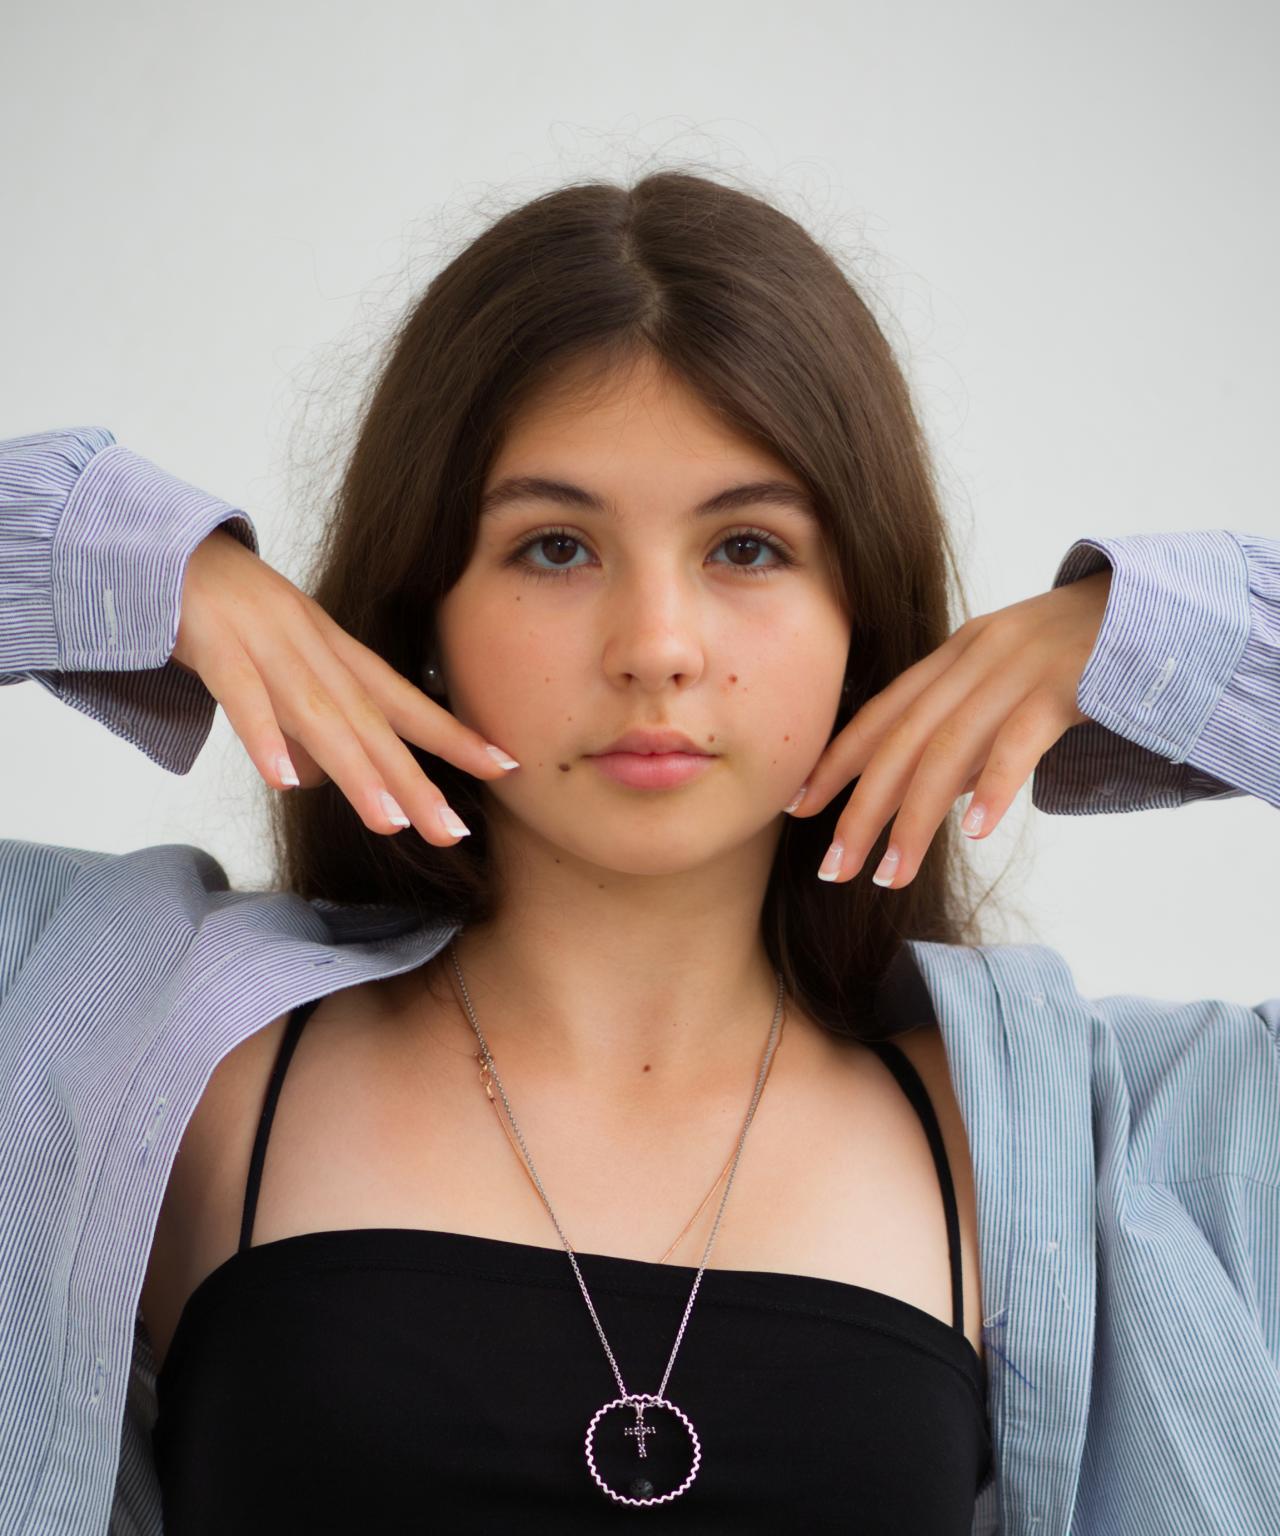 Вострикова Анастасия